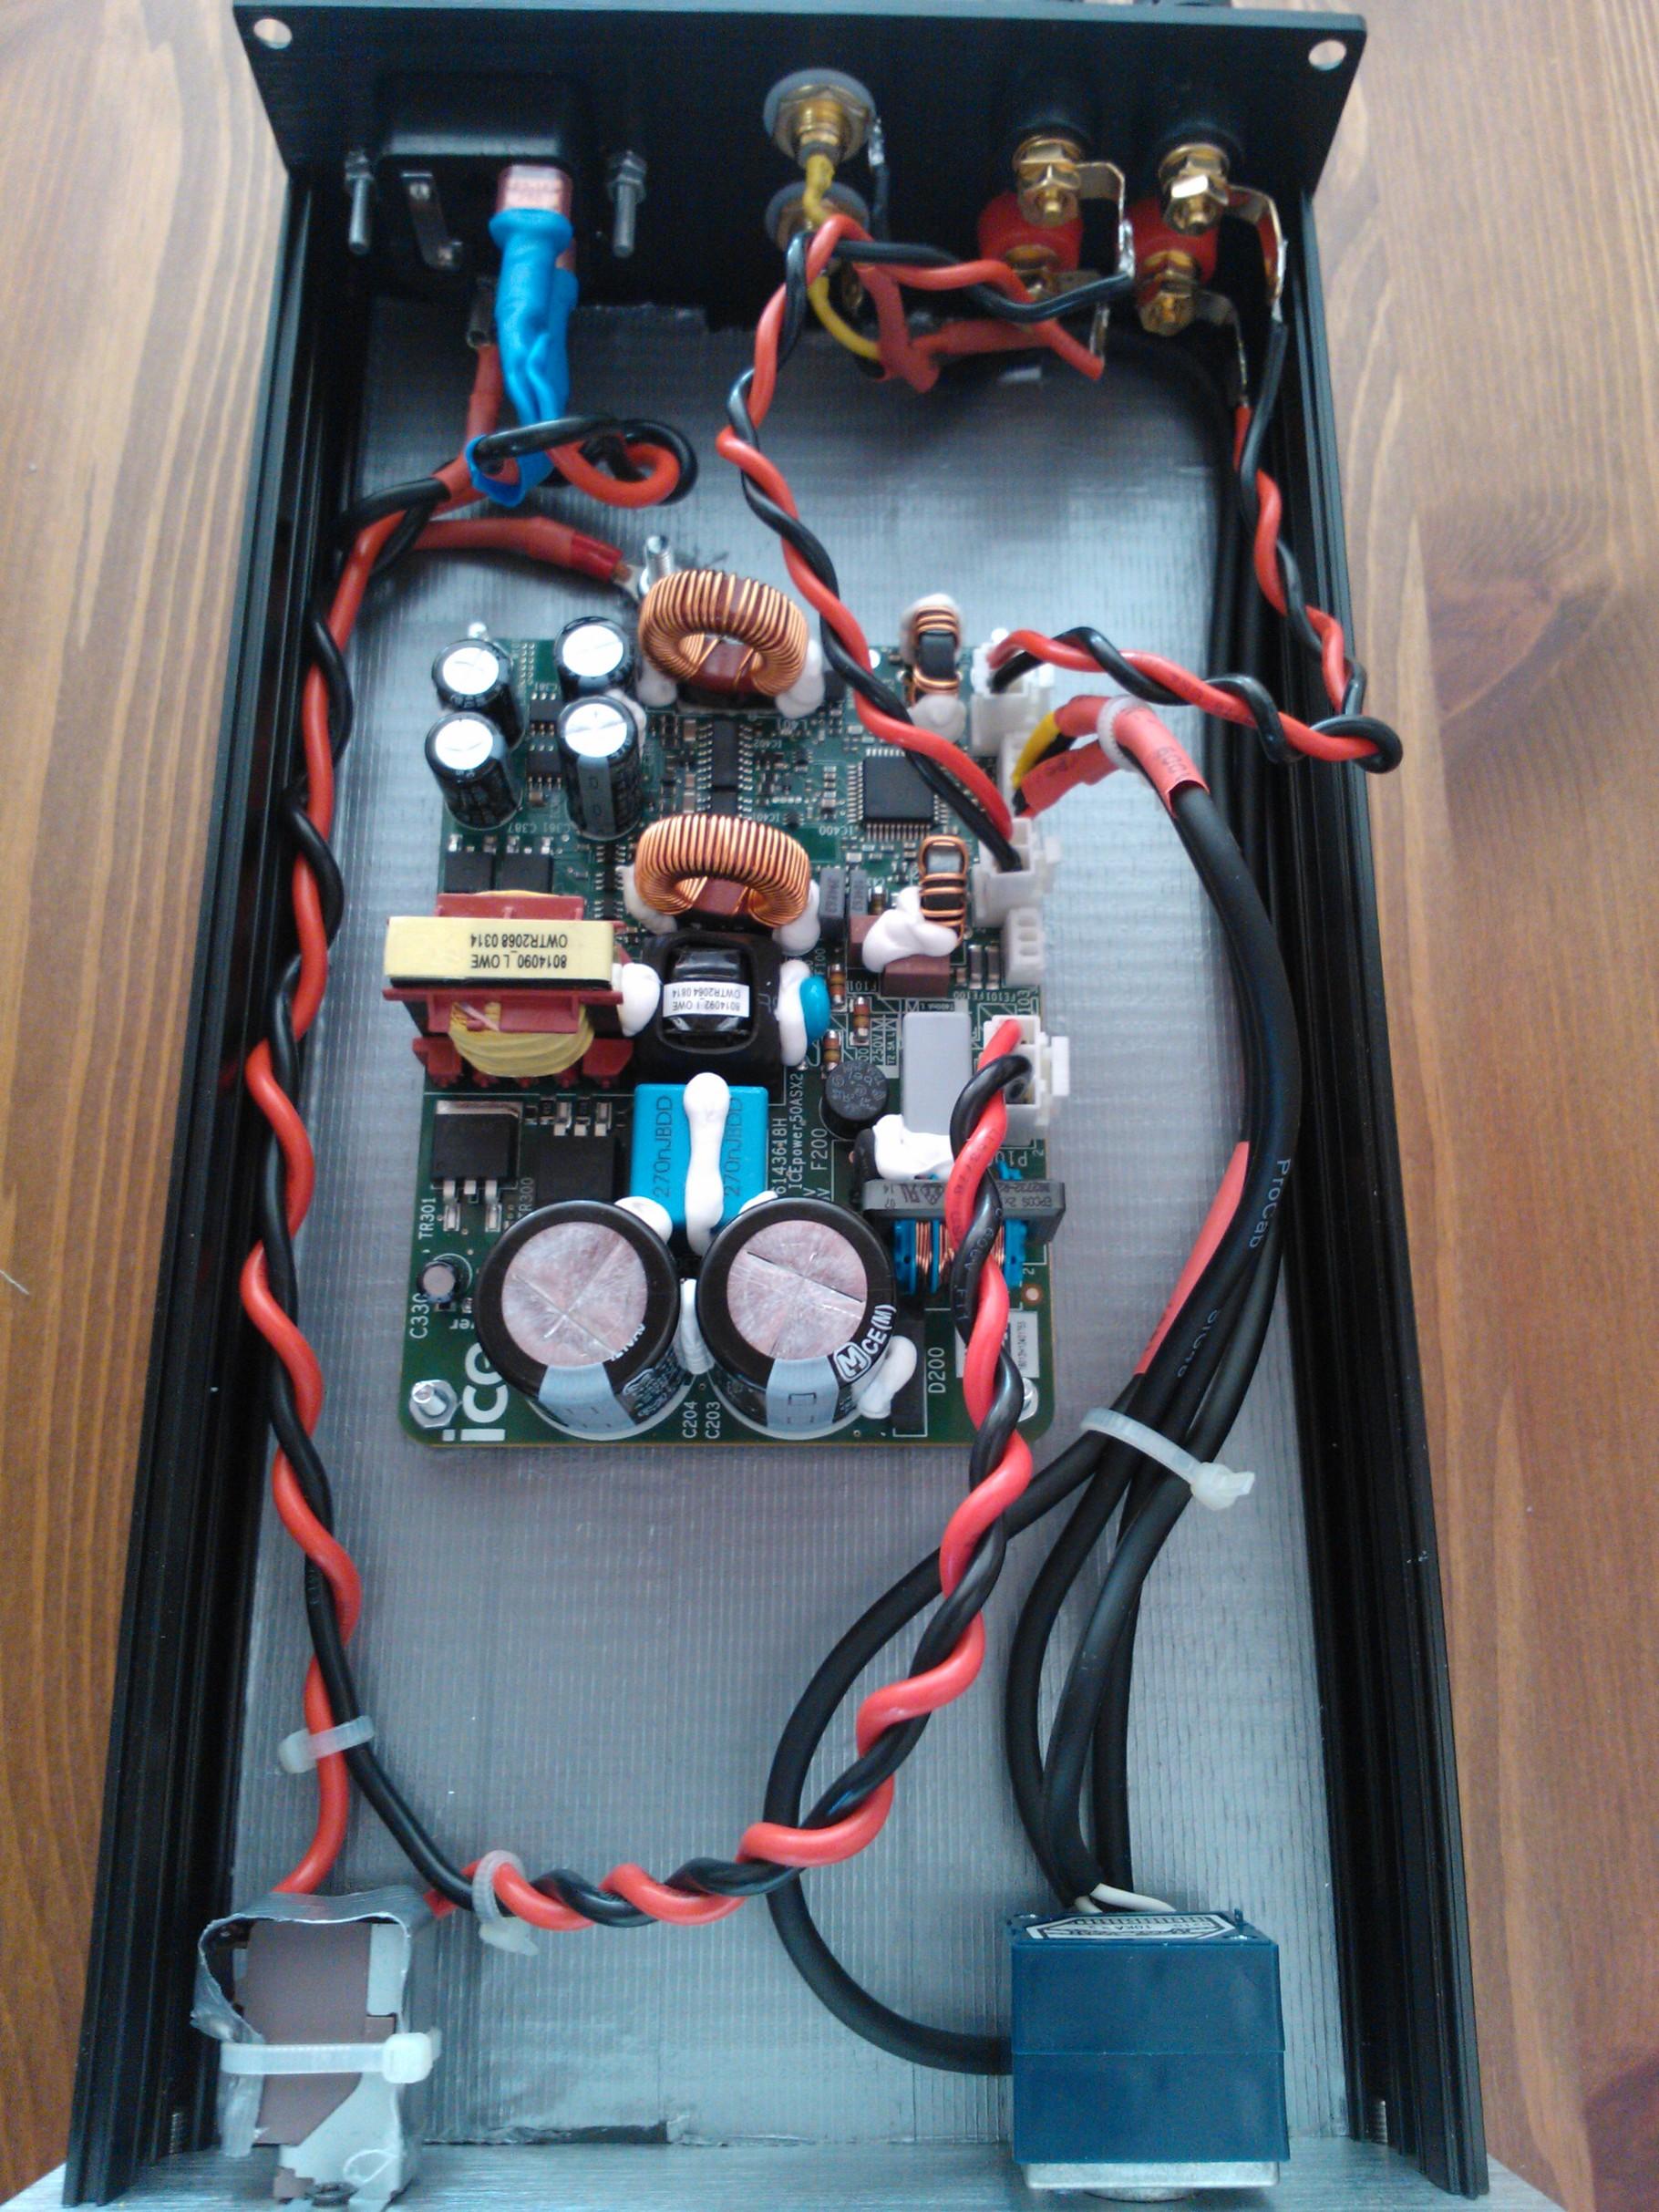 Hochwertiger Amp mit Icepower 50 ASX2 SE Modul - gazza-diy-audio de